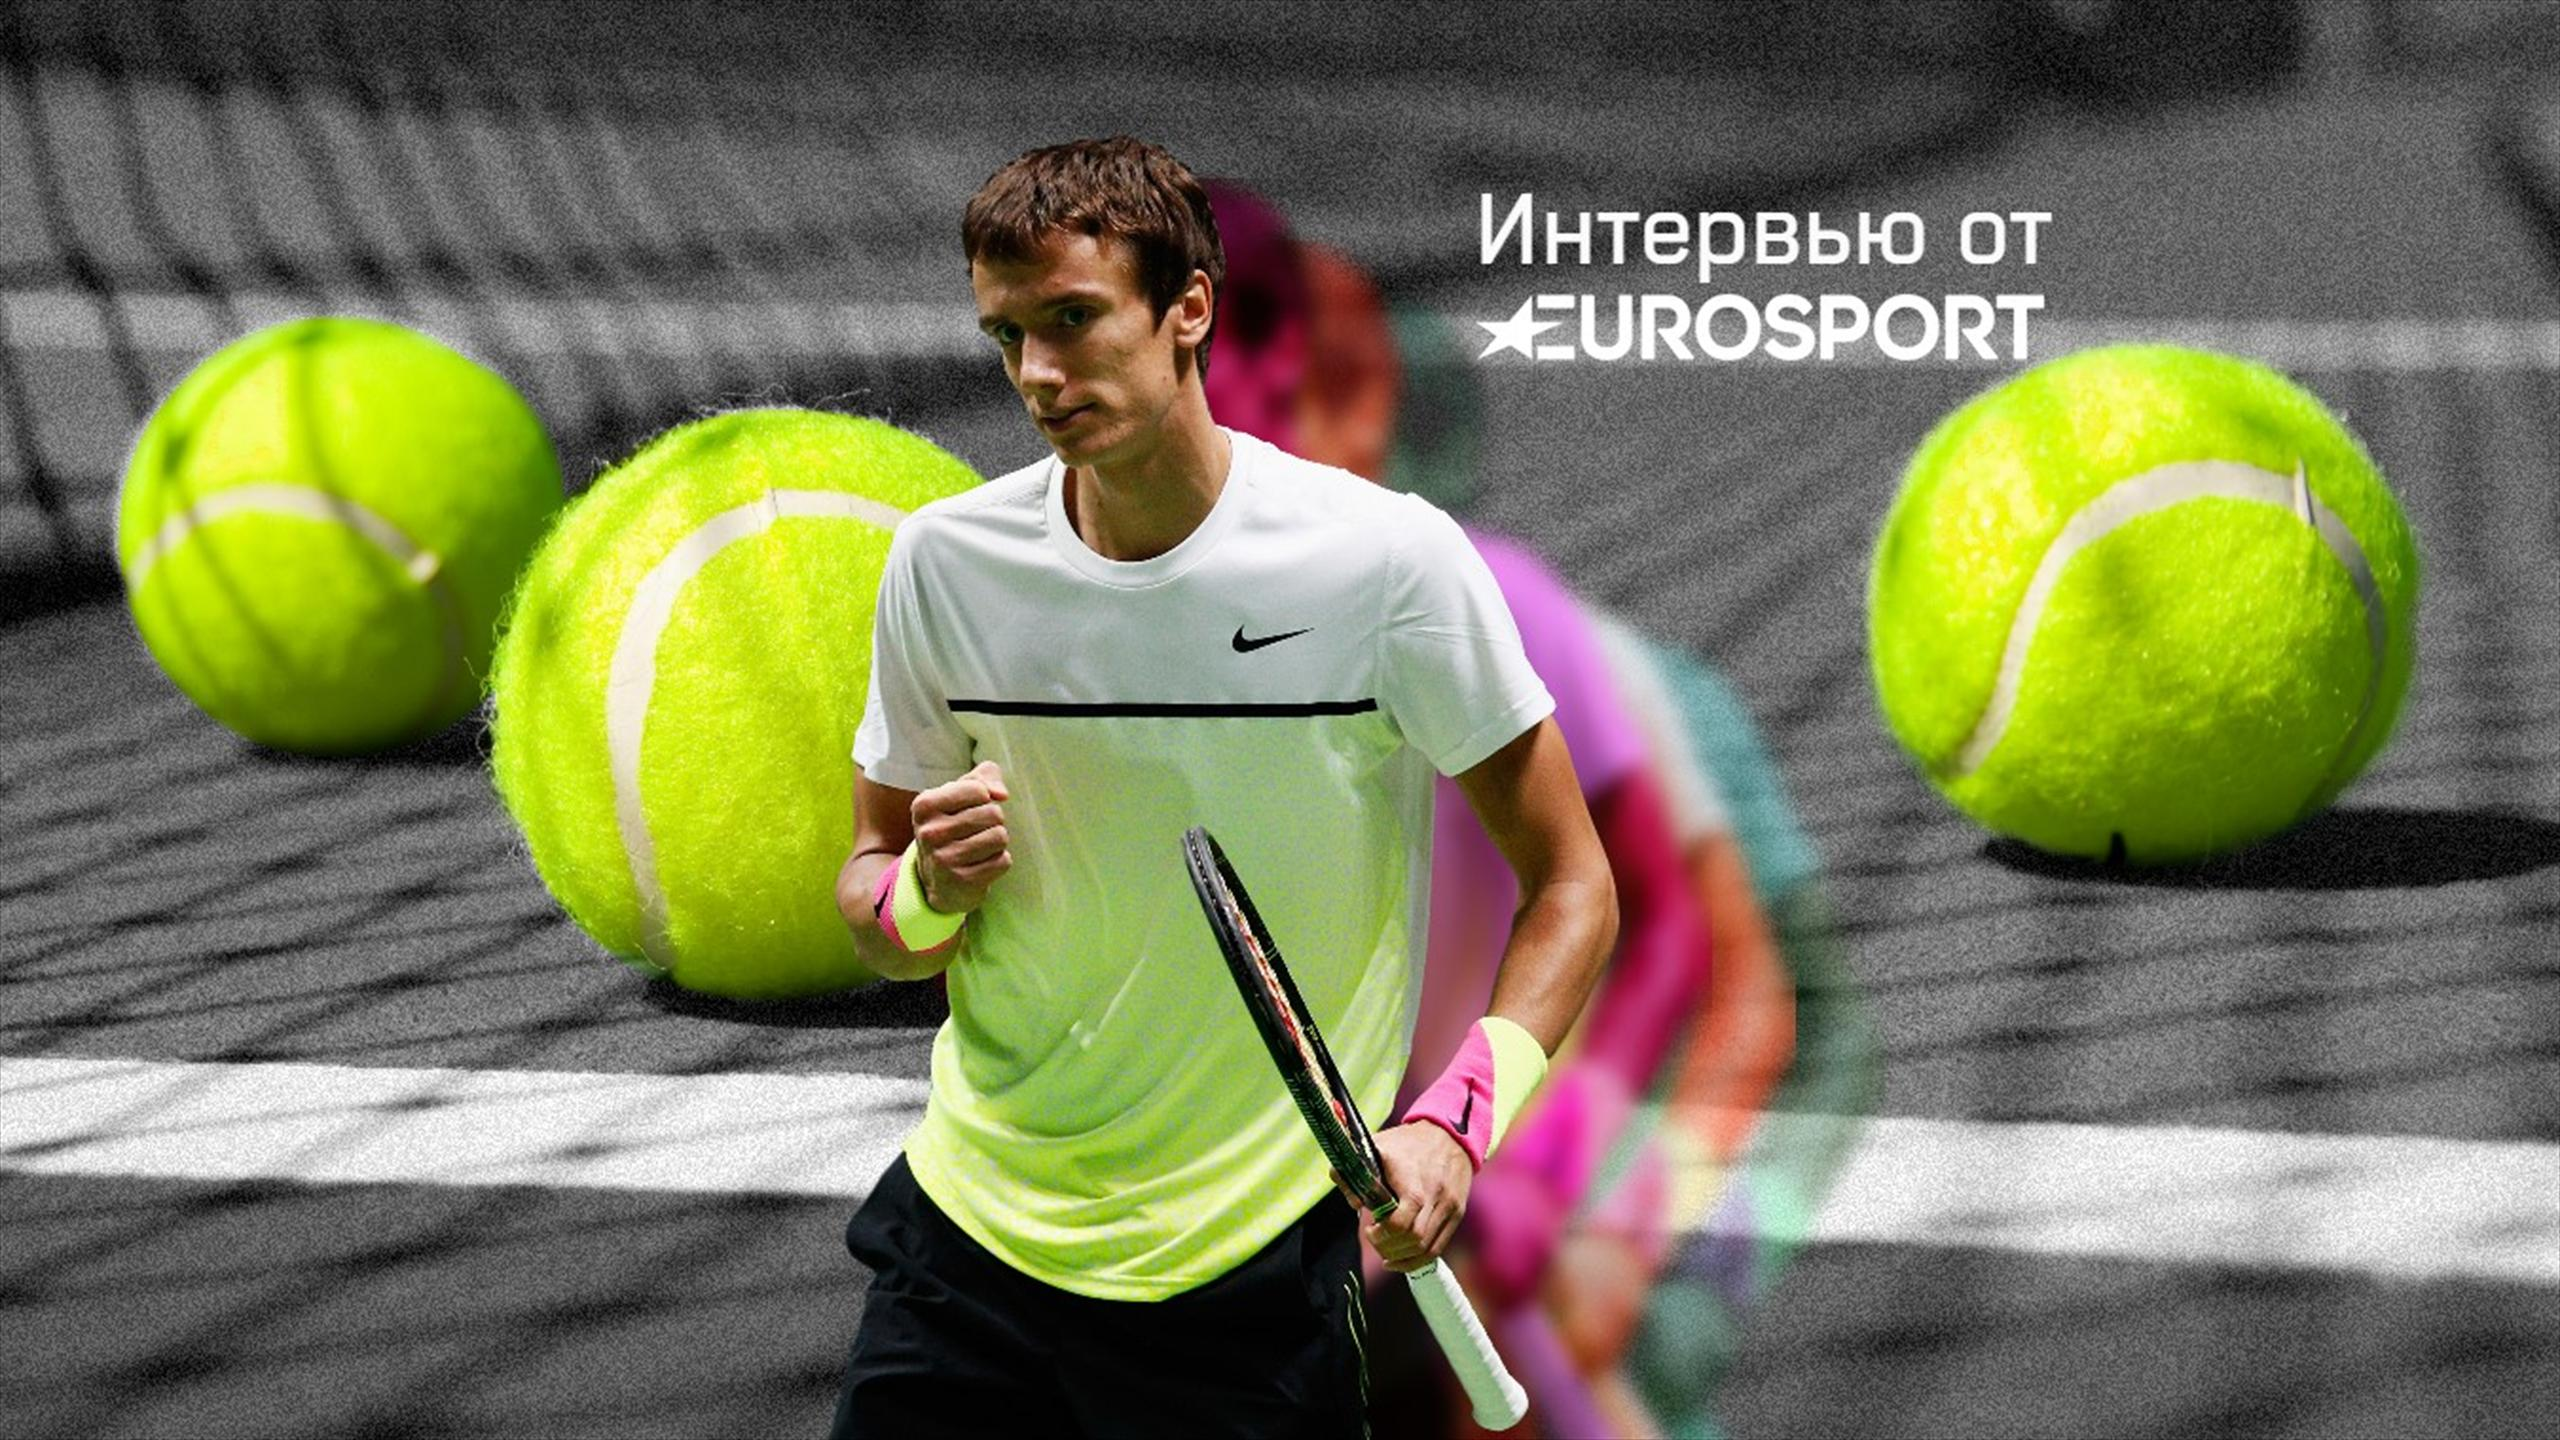 Прогноз на матч Надаль Р. - Веселы И.: чешский теннисист удержит фору 7,5